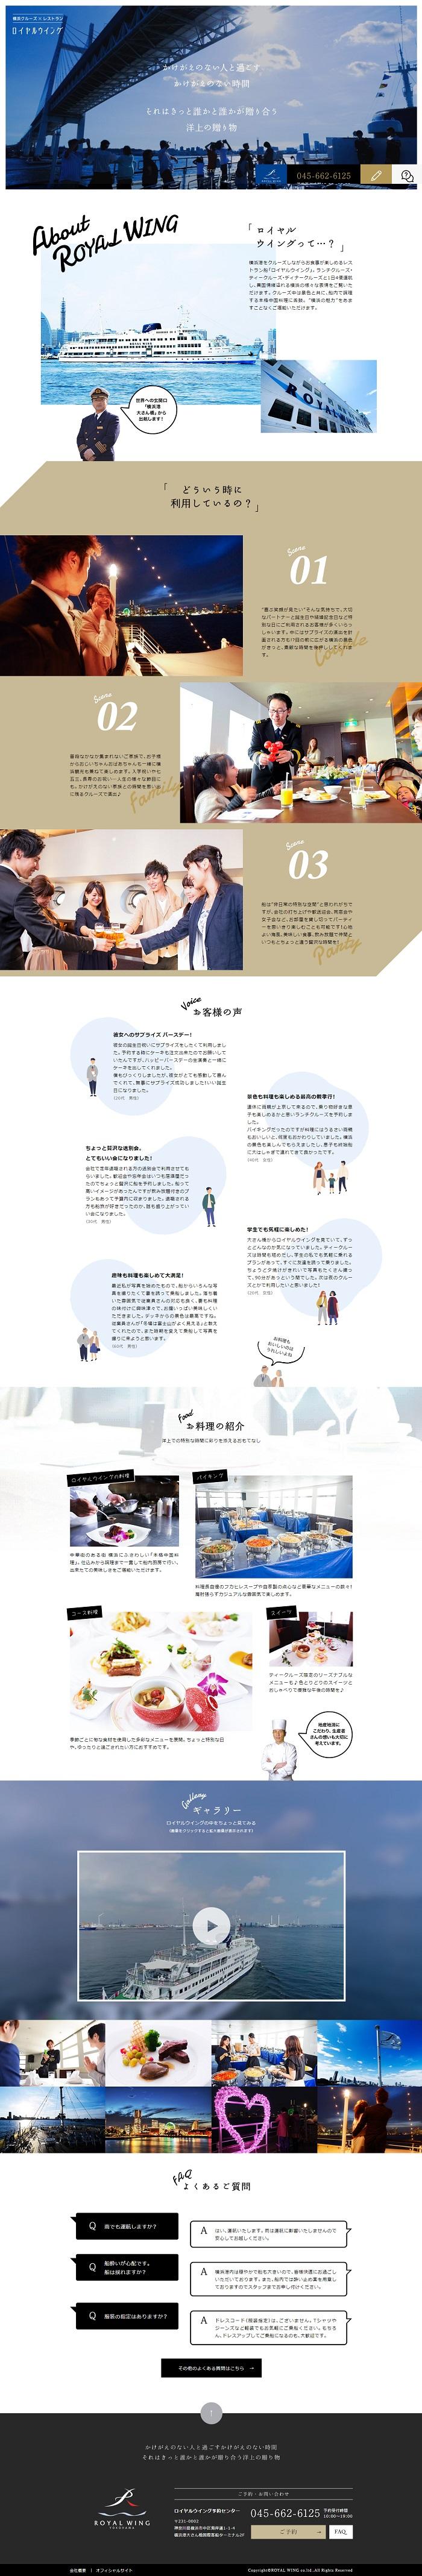 横浜クルーズ×レストラン 【ロイヤルウイング】- 美夜景クルージング